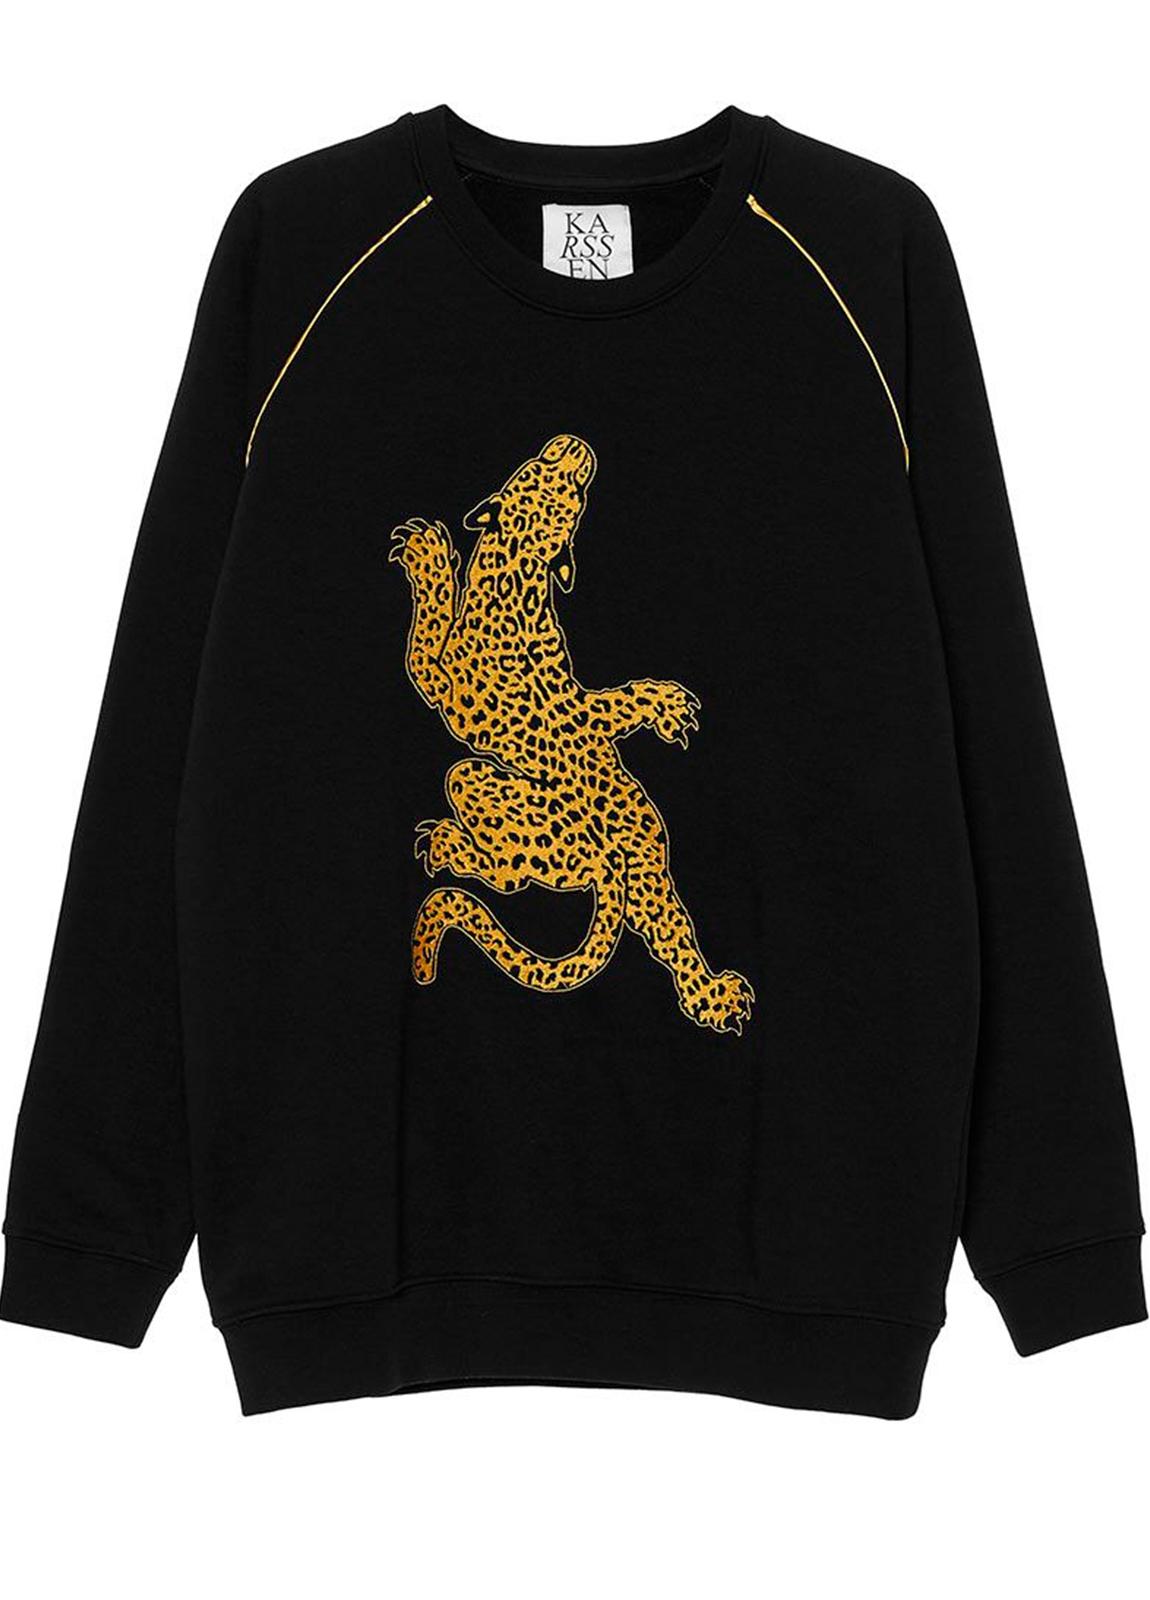 Sudadera color negro con leopardo bordado en lúrex. 86% algodón 14% Poliéster. - Ítem1